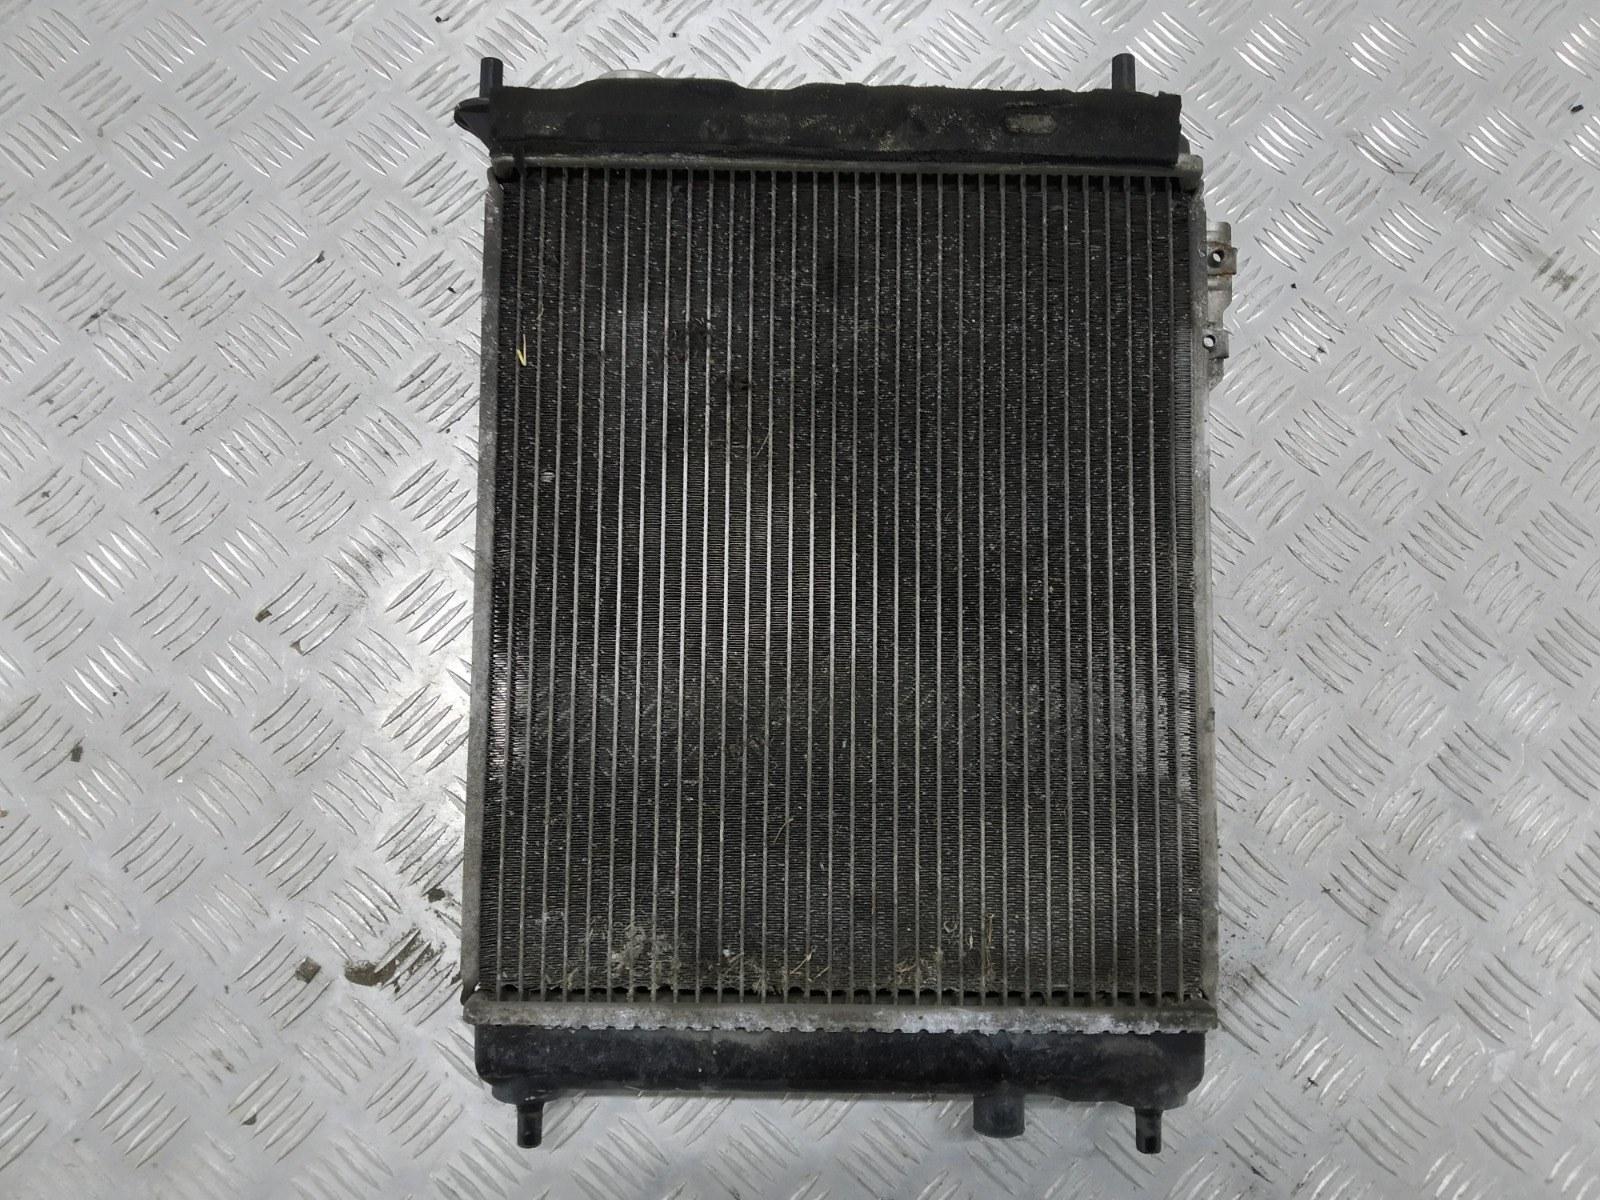 Радиатор (основной) Hyundai Getz 1.4 I 2005 (б/у)